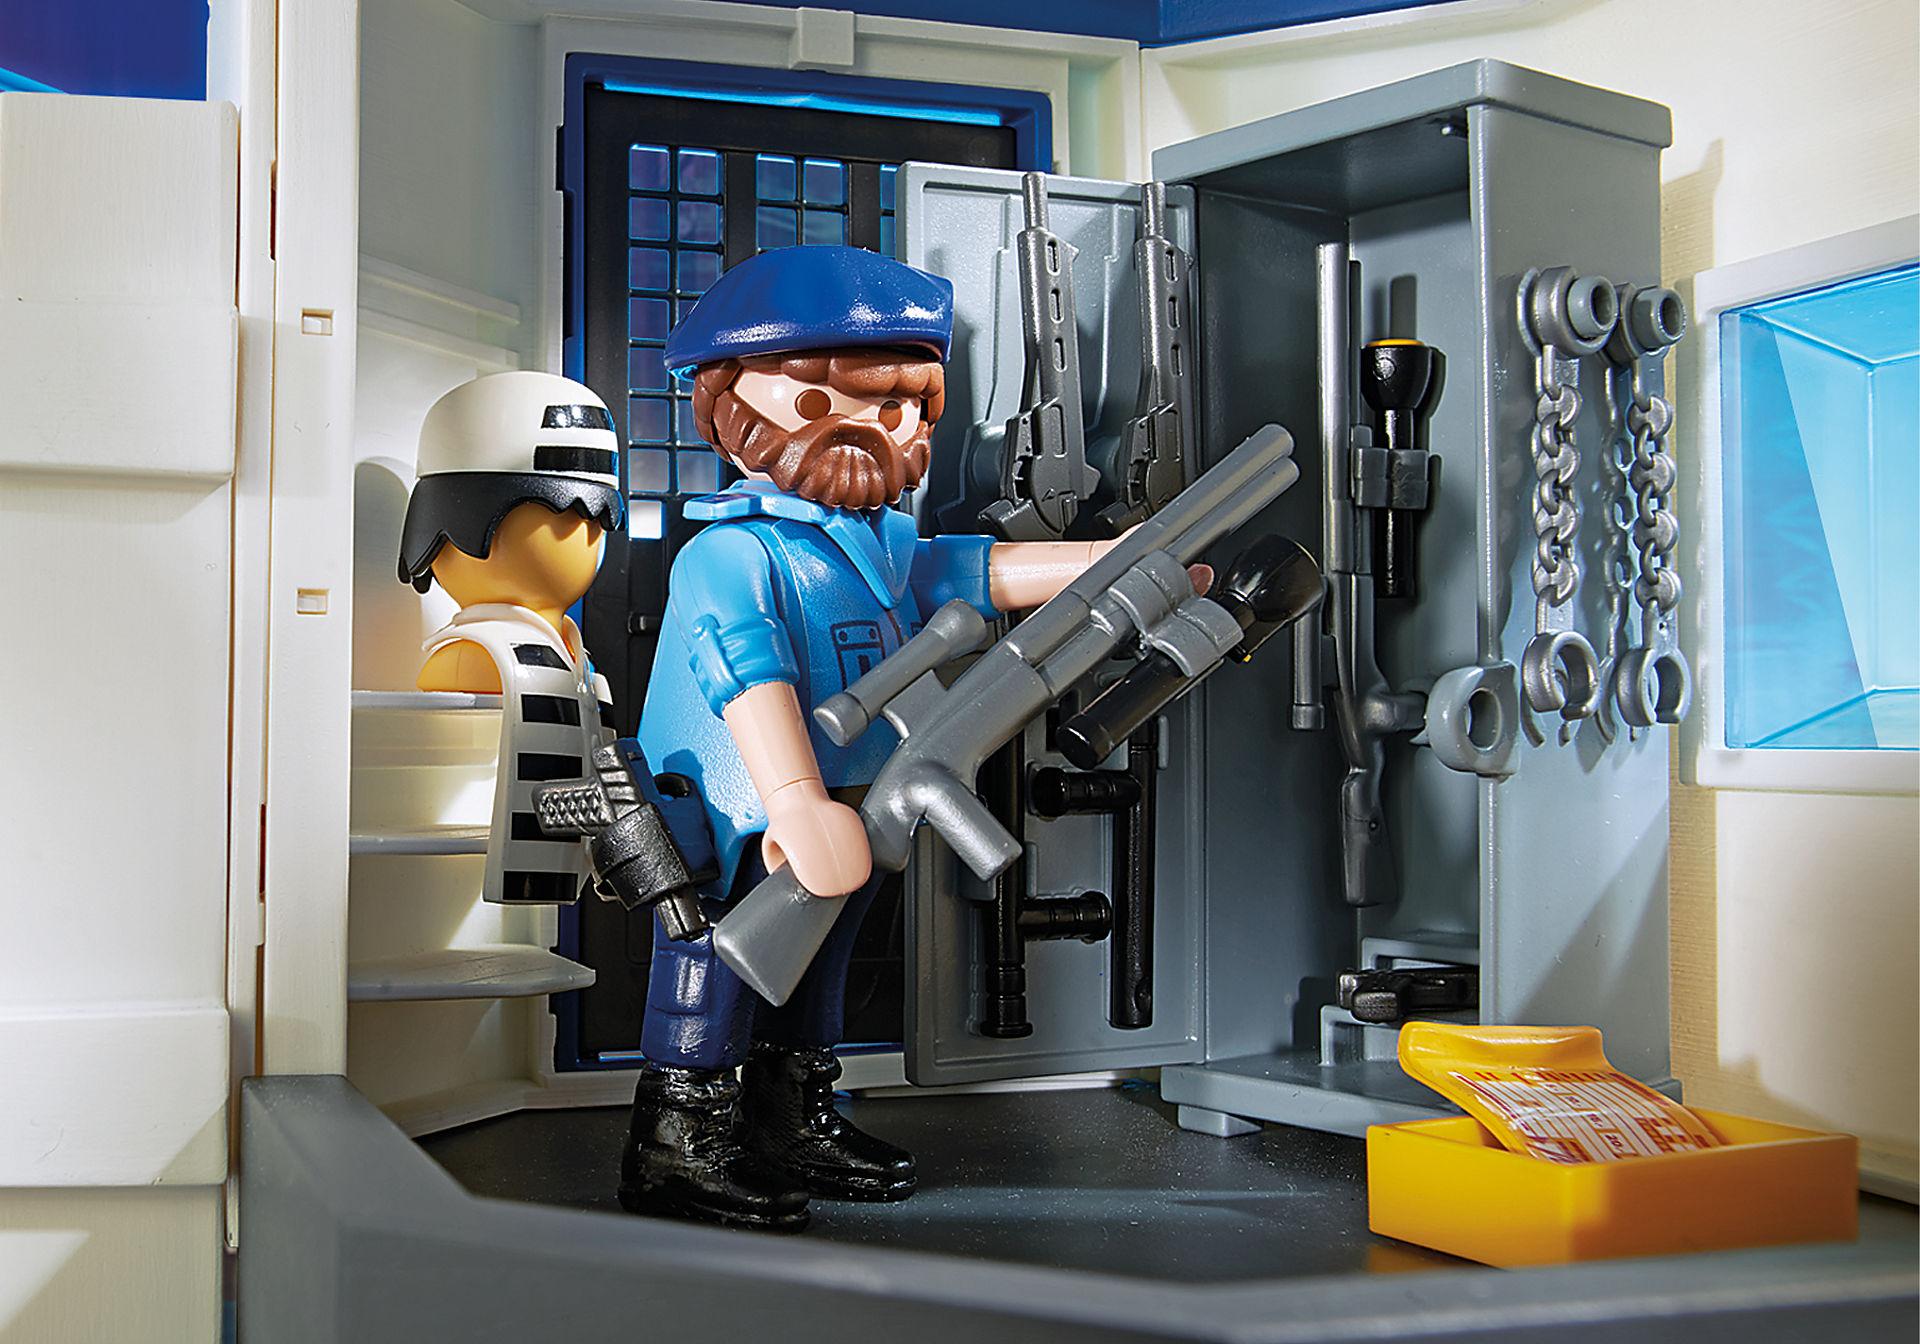 6872 Polizei-Kommandozentrale mit Gefängnis zoom image9